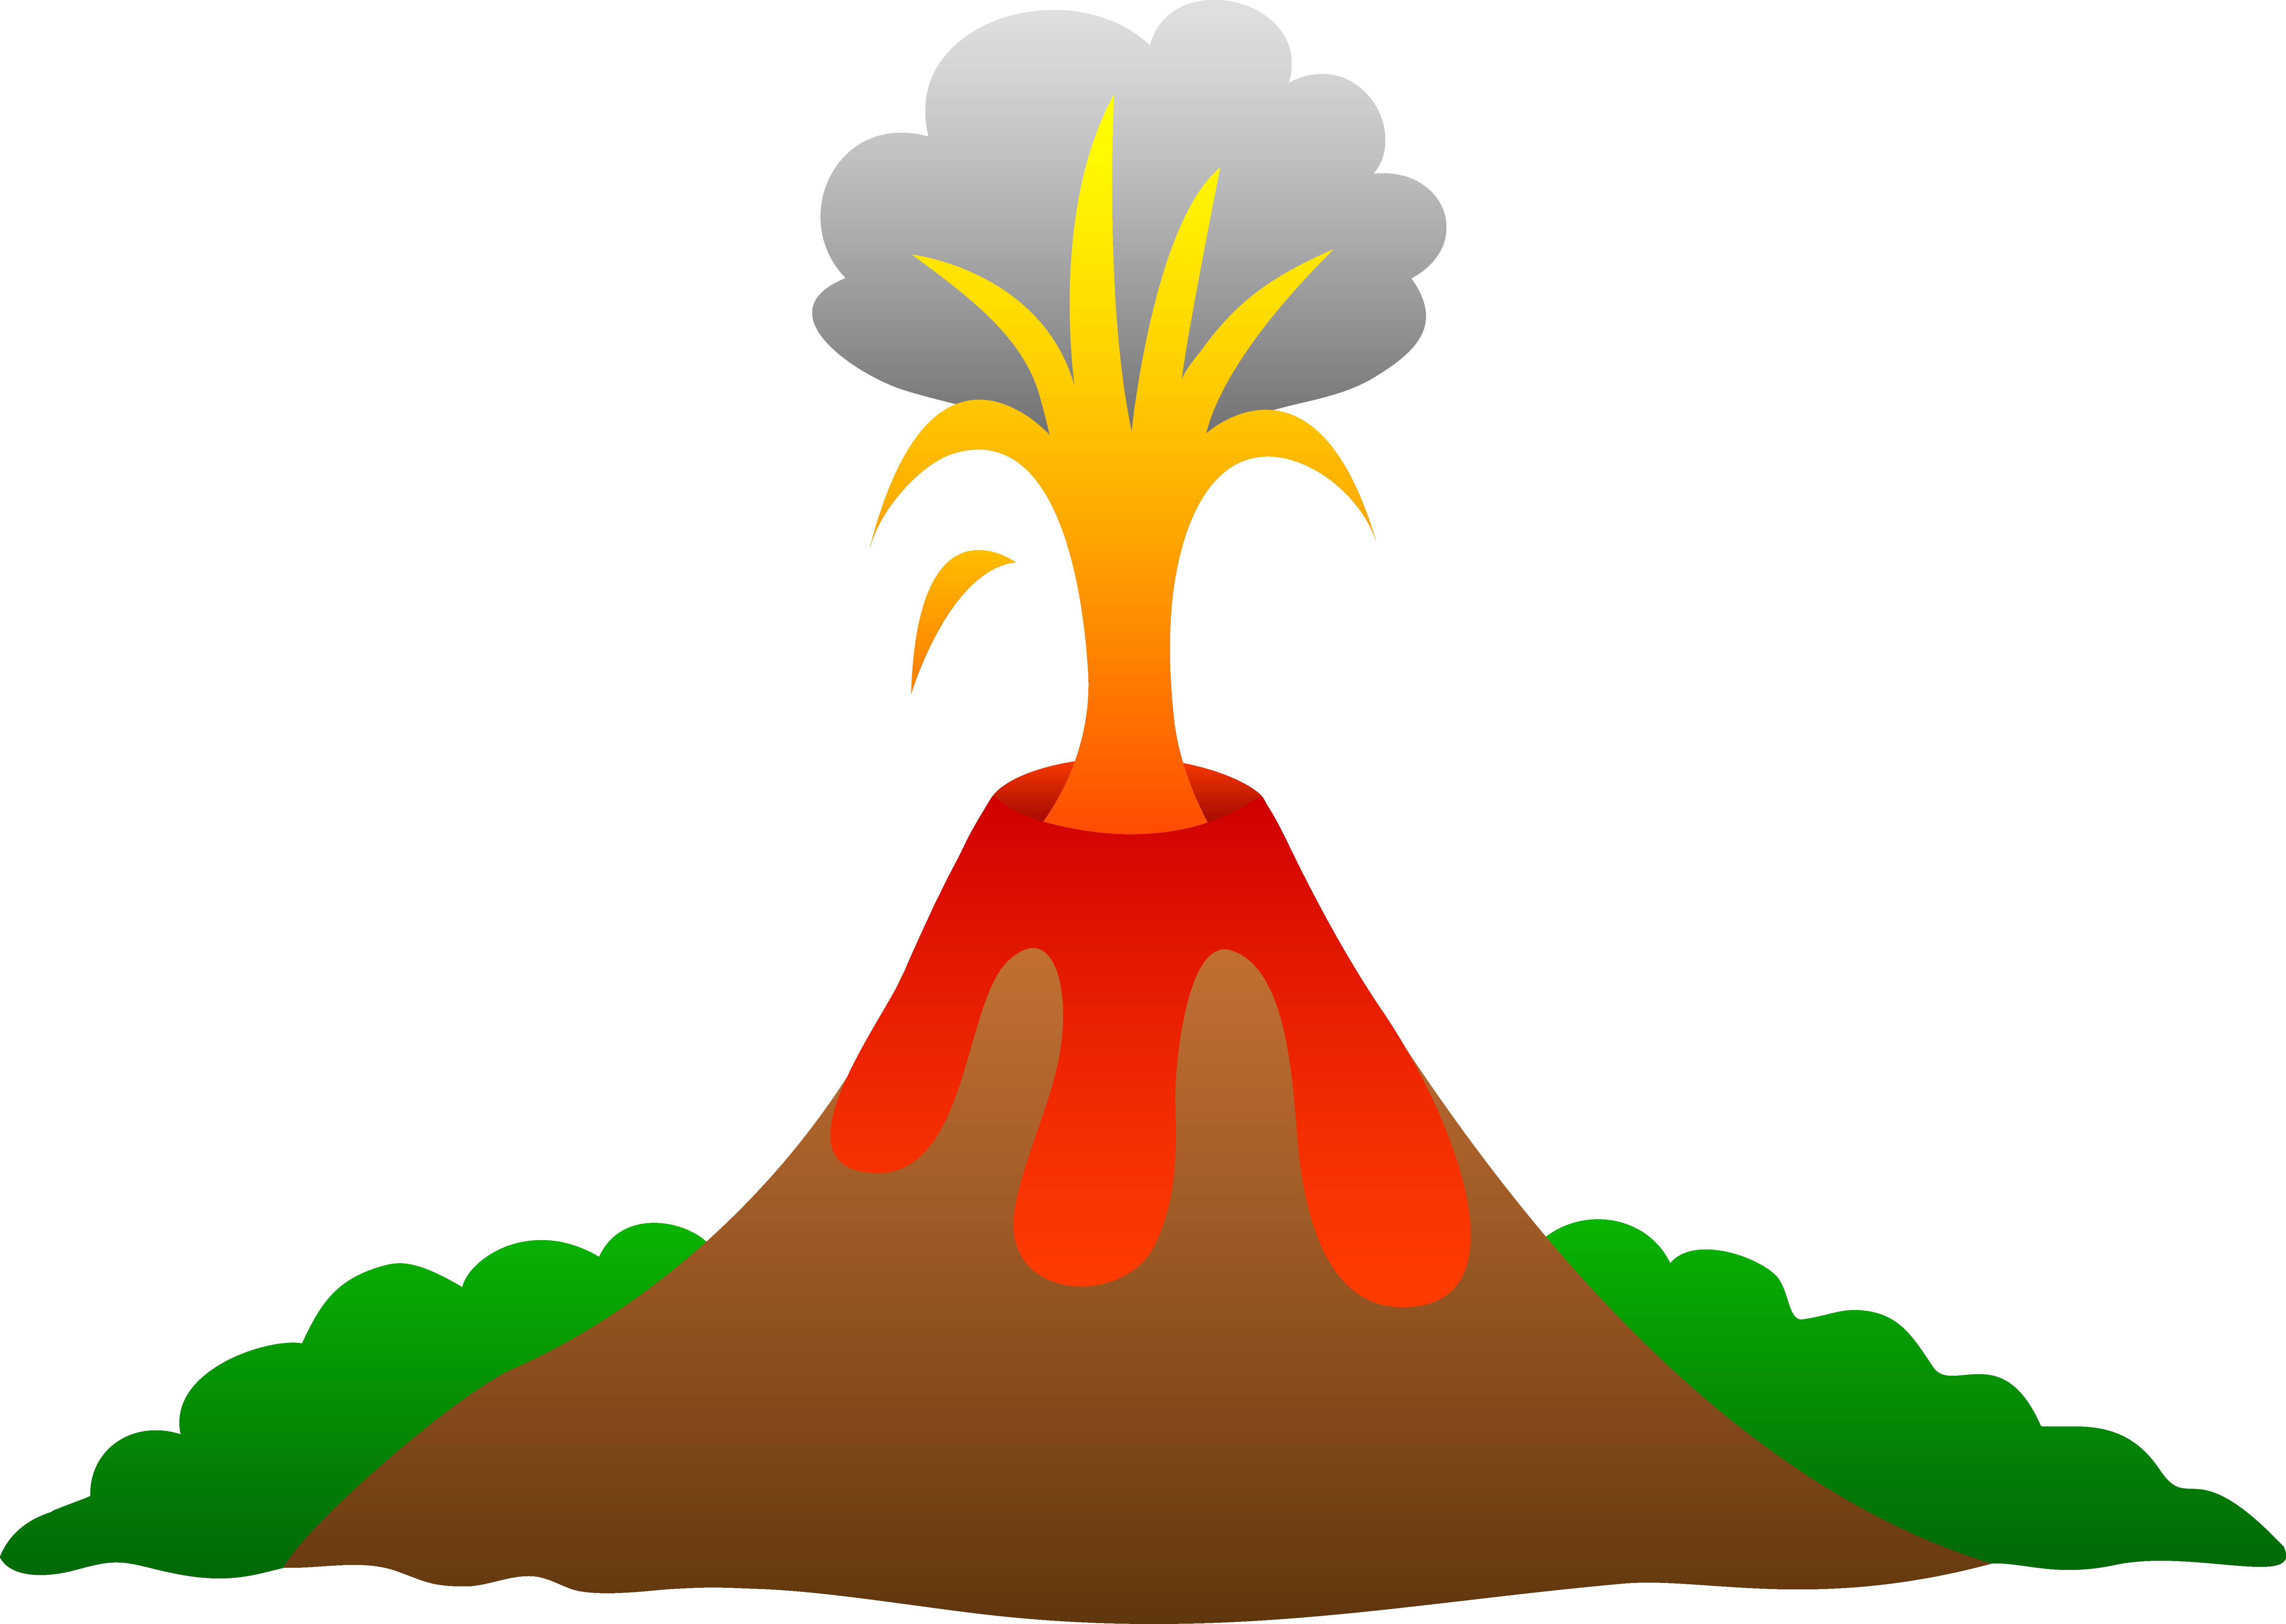 Valcaino clipart banner royalty free Volcano Erupting With Lava - Free Clip Art banner royalty free